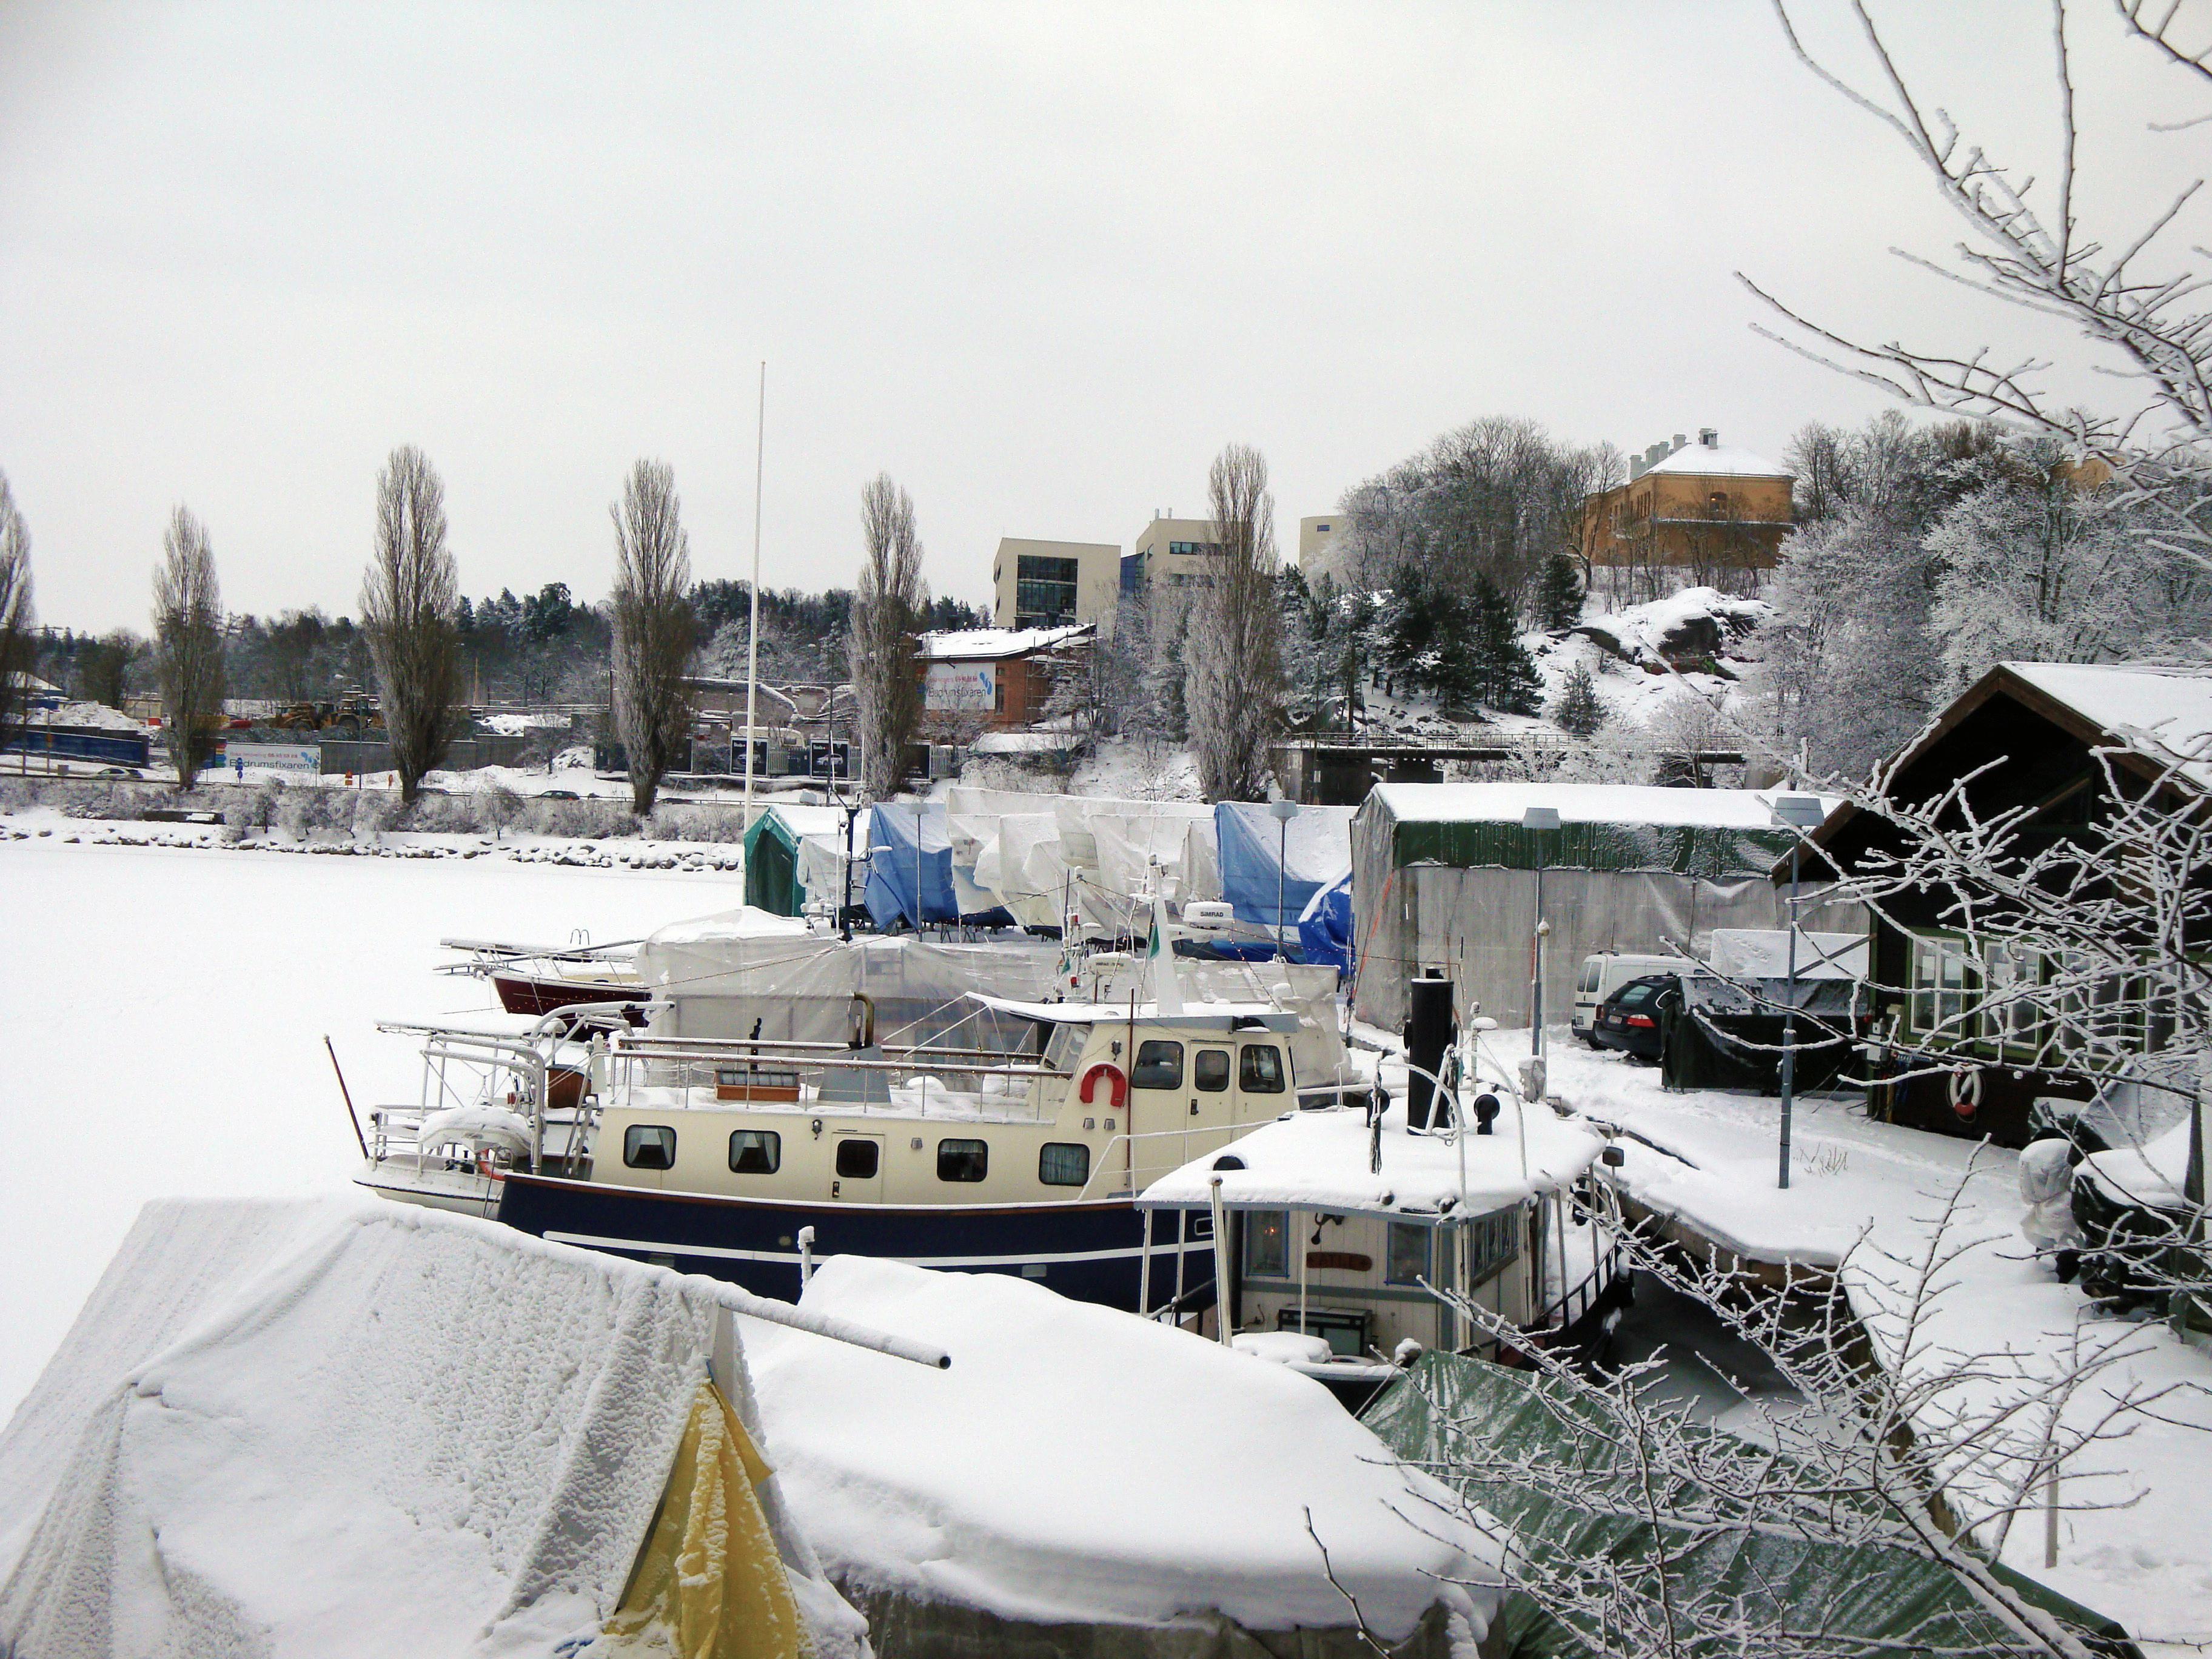 Stockholm in winter - Ekoparken